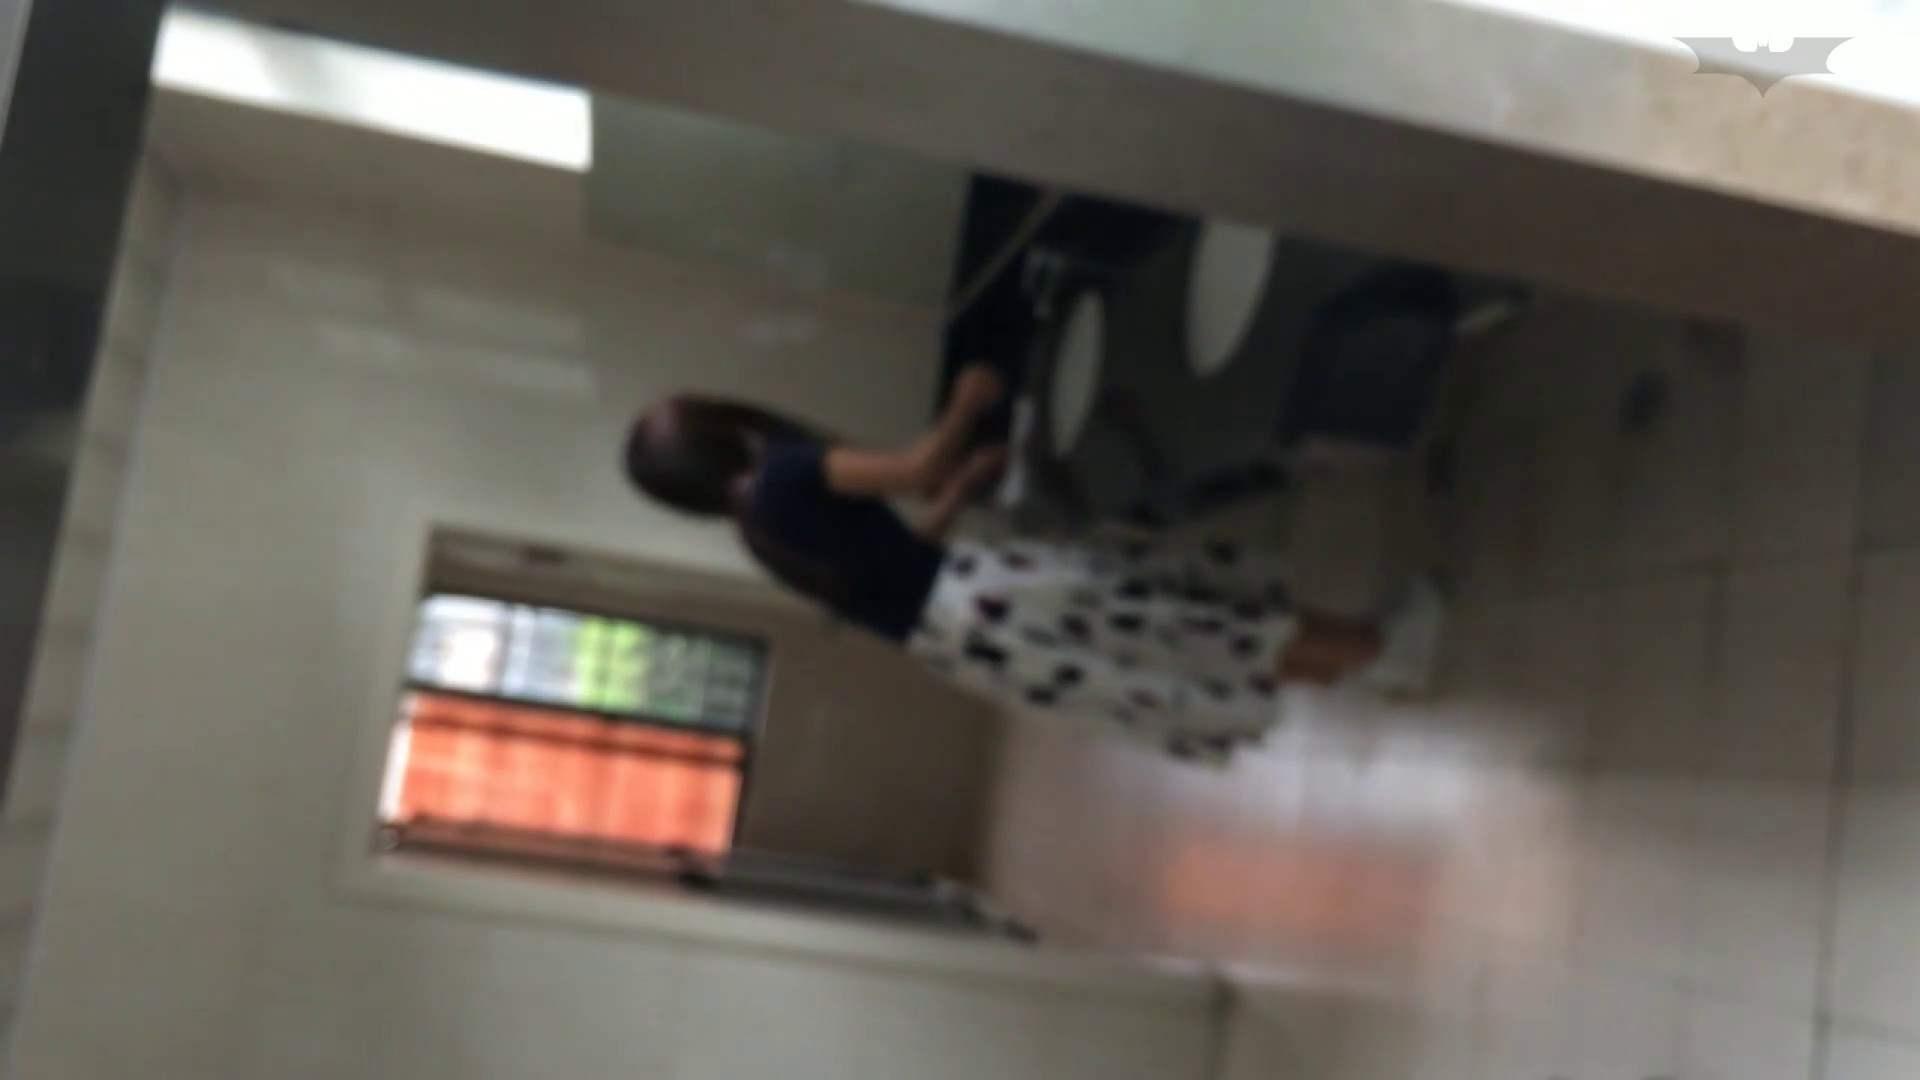 JD盗撮 美女の洗面所の秘密 Vol.45 トイレ中 | 盗撮エロすぎ  80連発 10